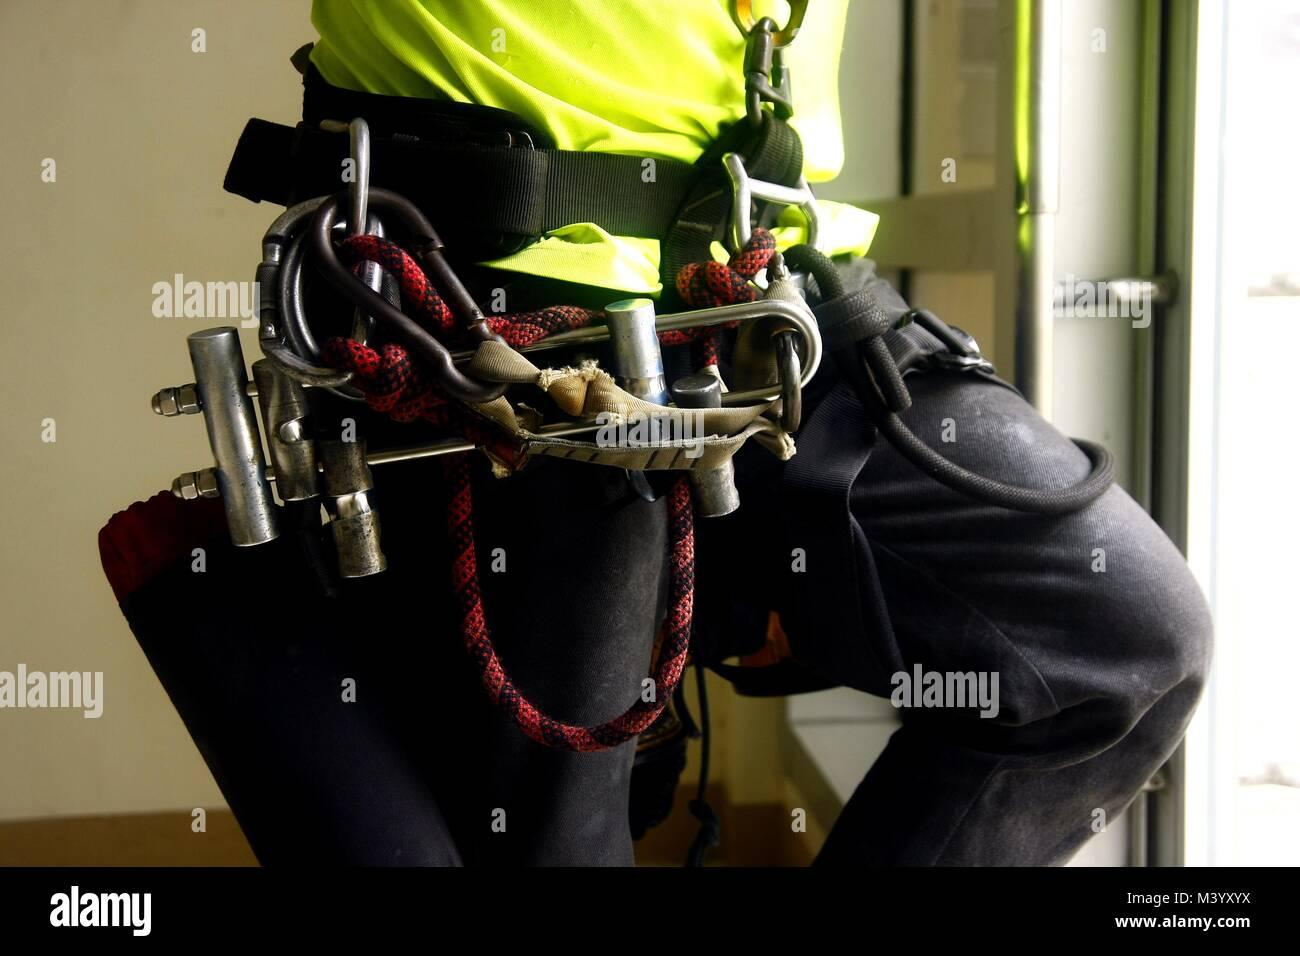 Foto de un equipo de alpinismo alrededor de la cintura de un hombre Imagen De Stock